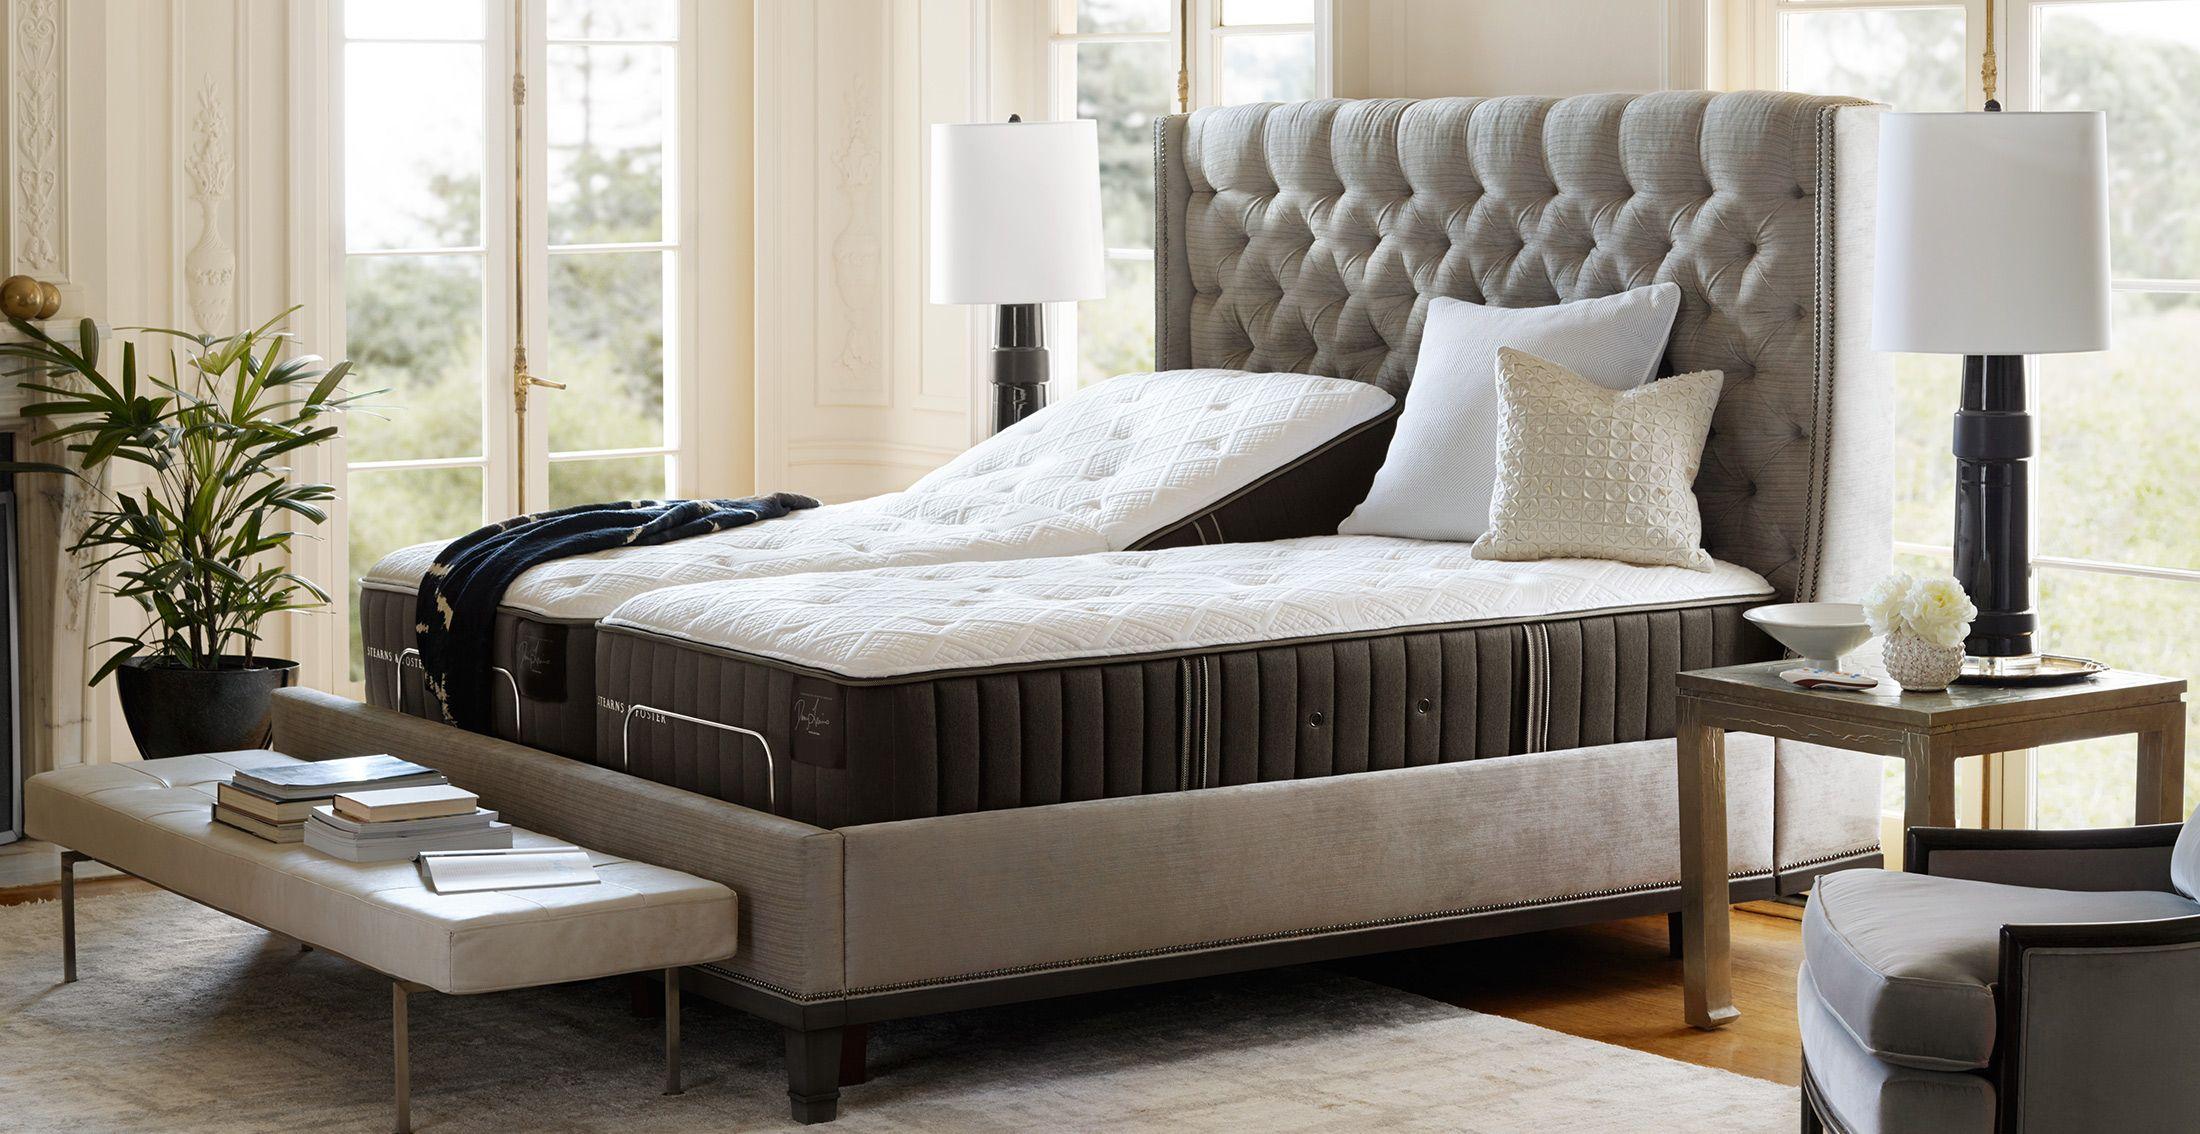 Stearns & Foster Estate 15inch Euro Pillowtop Mattress